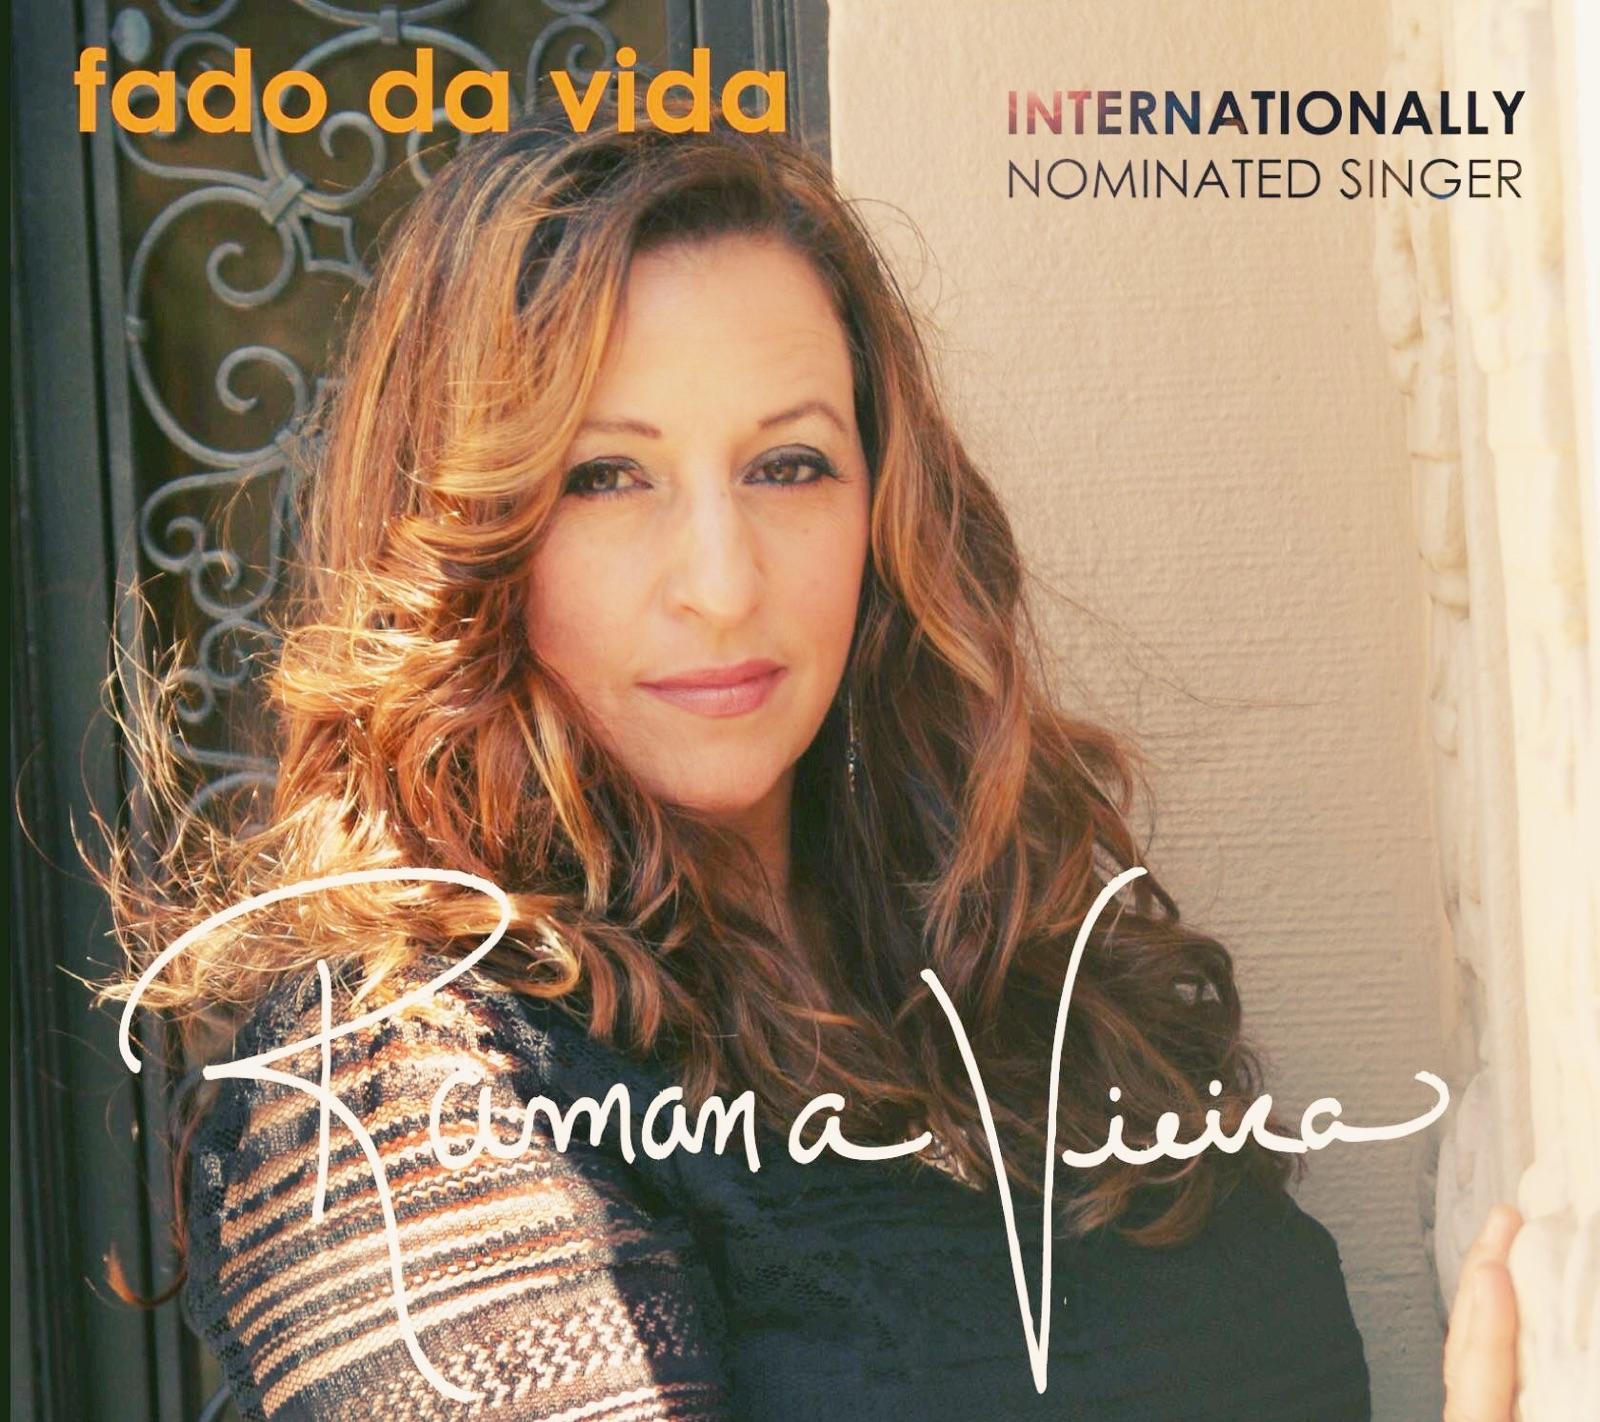 Ramana Vieira Fado da Vida cover